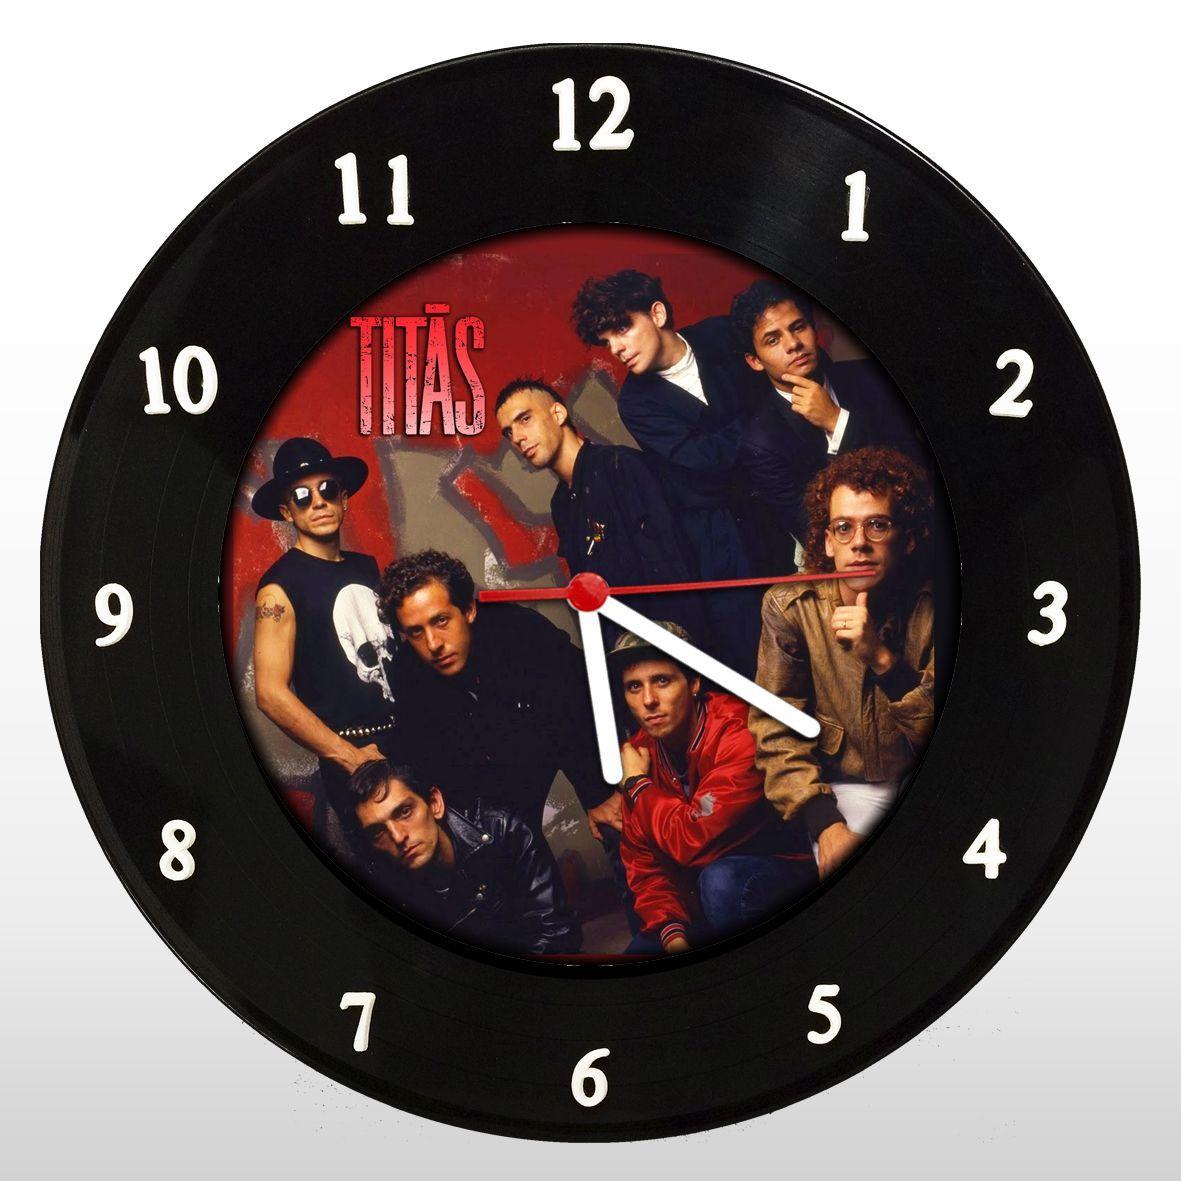 Titãs - Relógio de Parede em Disco de Vinil - Mr. Rock